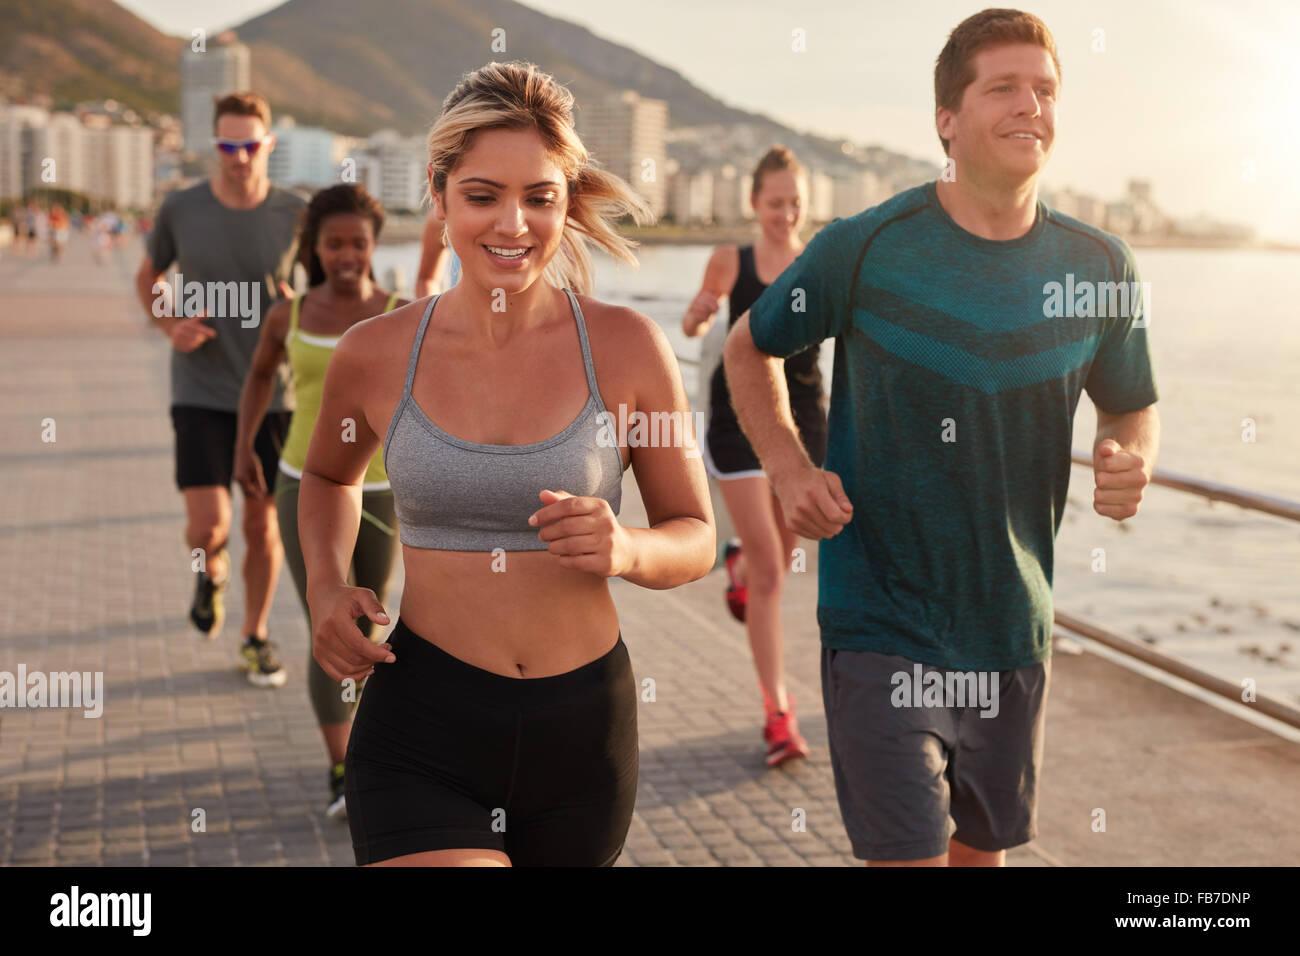 Portrait de jeune femme fit courir avec des amis sur la rue le long de la mer. Running club en formation de groupe Photo Stock